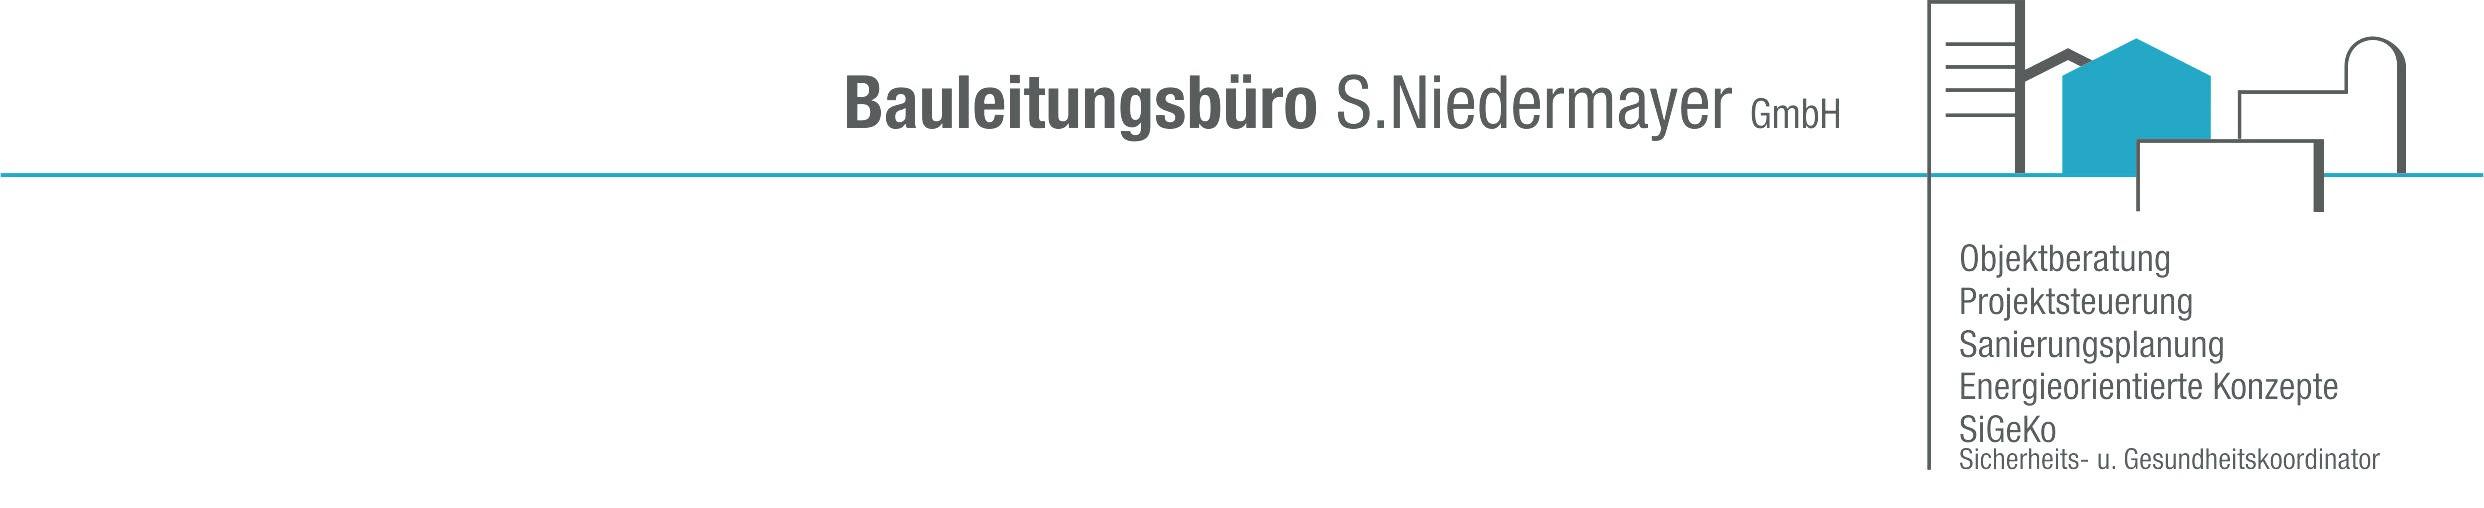 Bauleitung Niedermayer